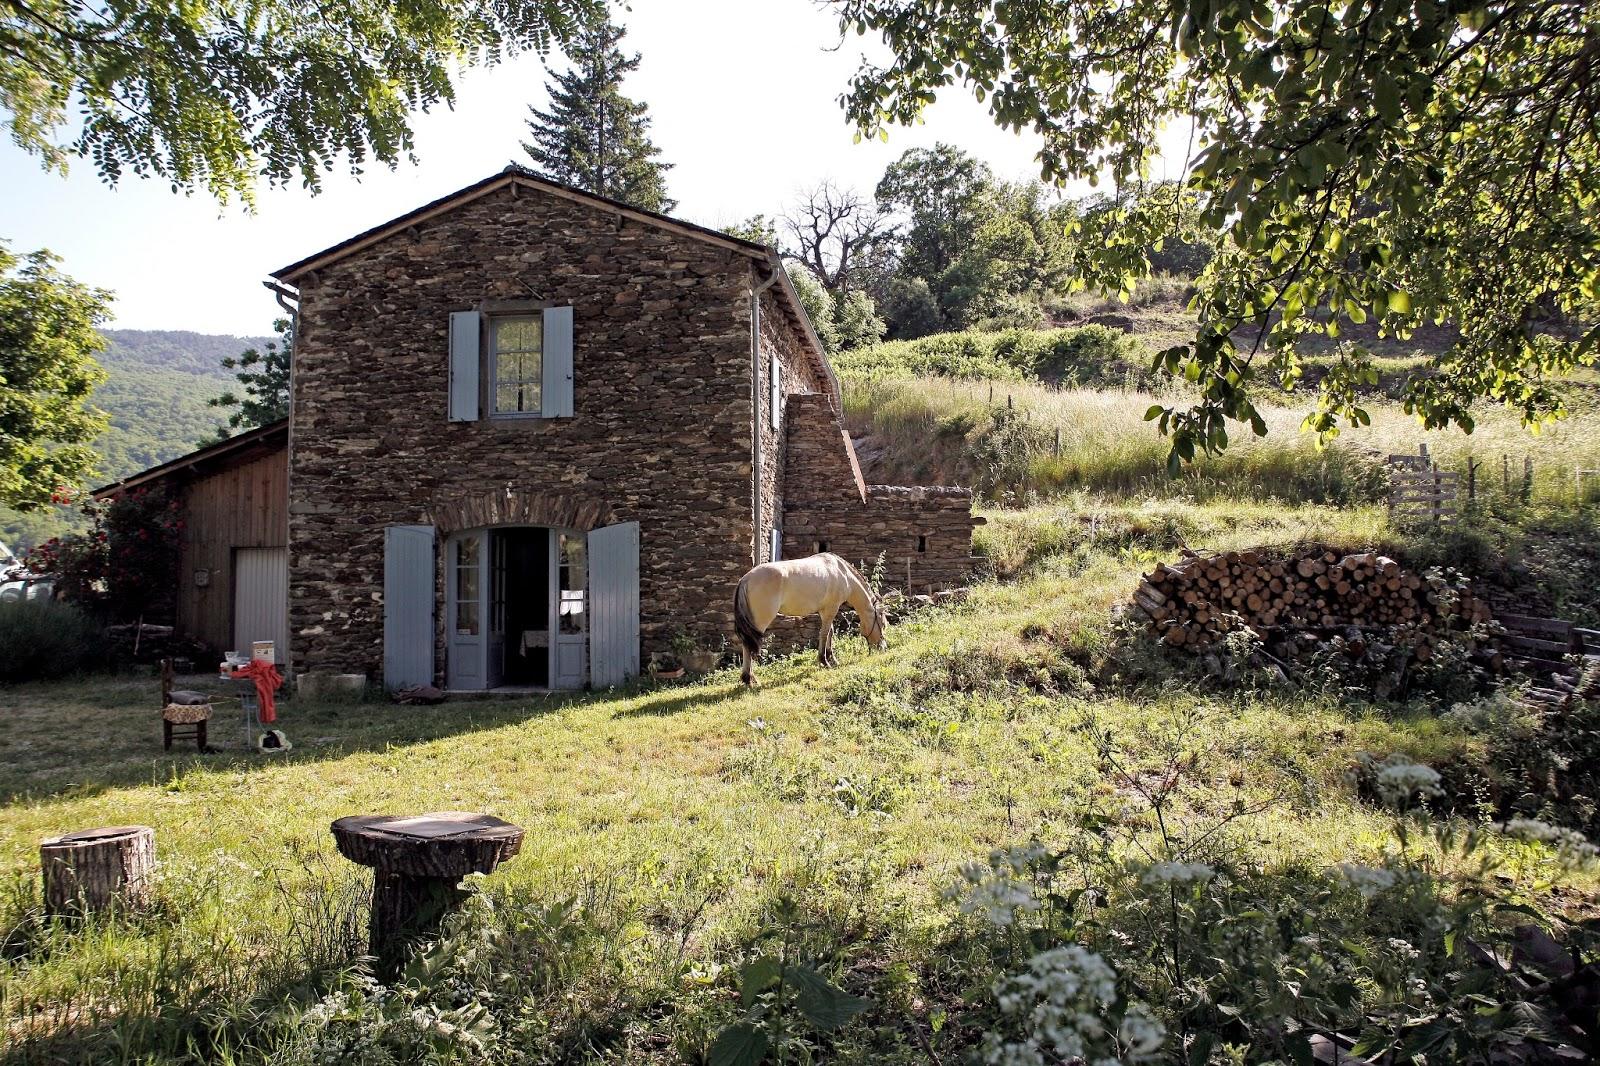 acheter une maison dans les cevennes avie home. Black Bedroom Furniture Sets. Home Design Ideas